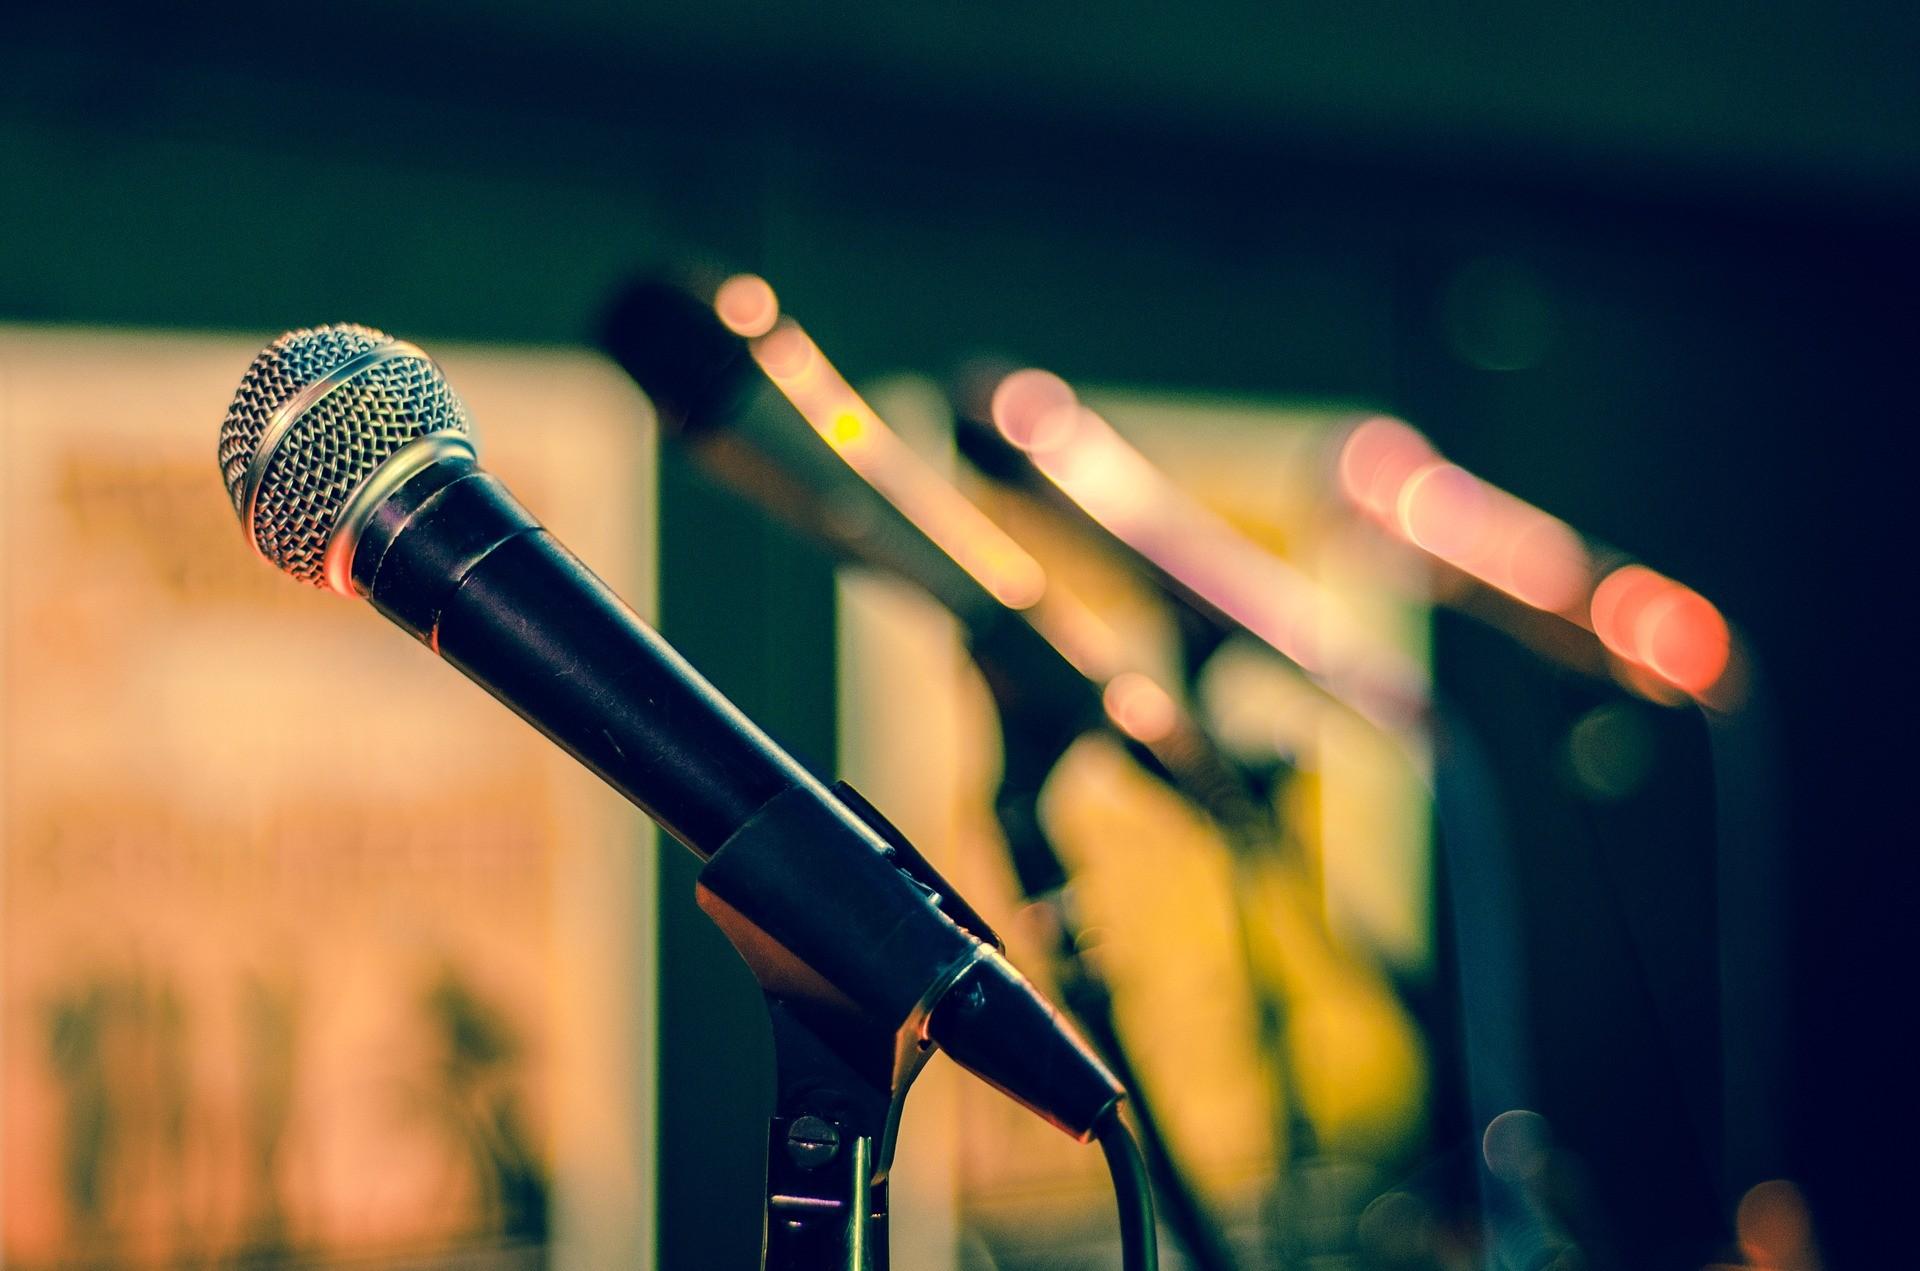 mic-public speaking-fear